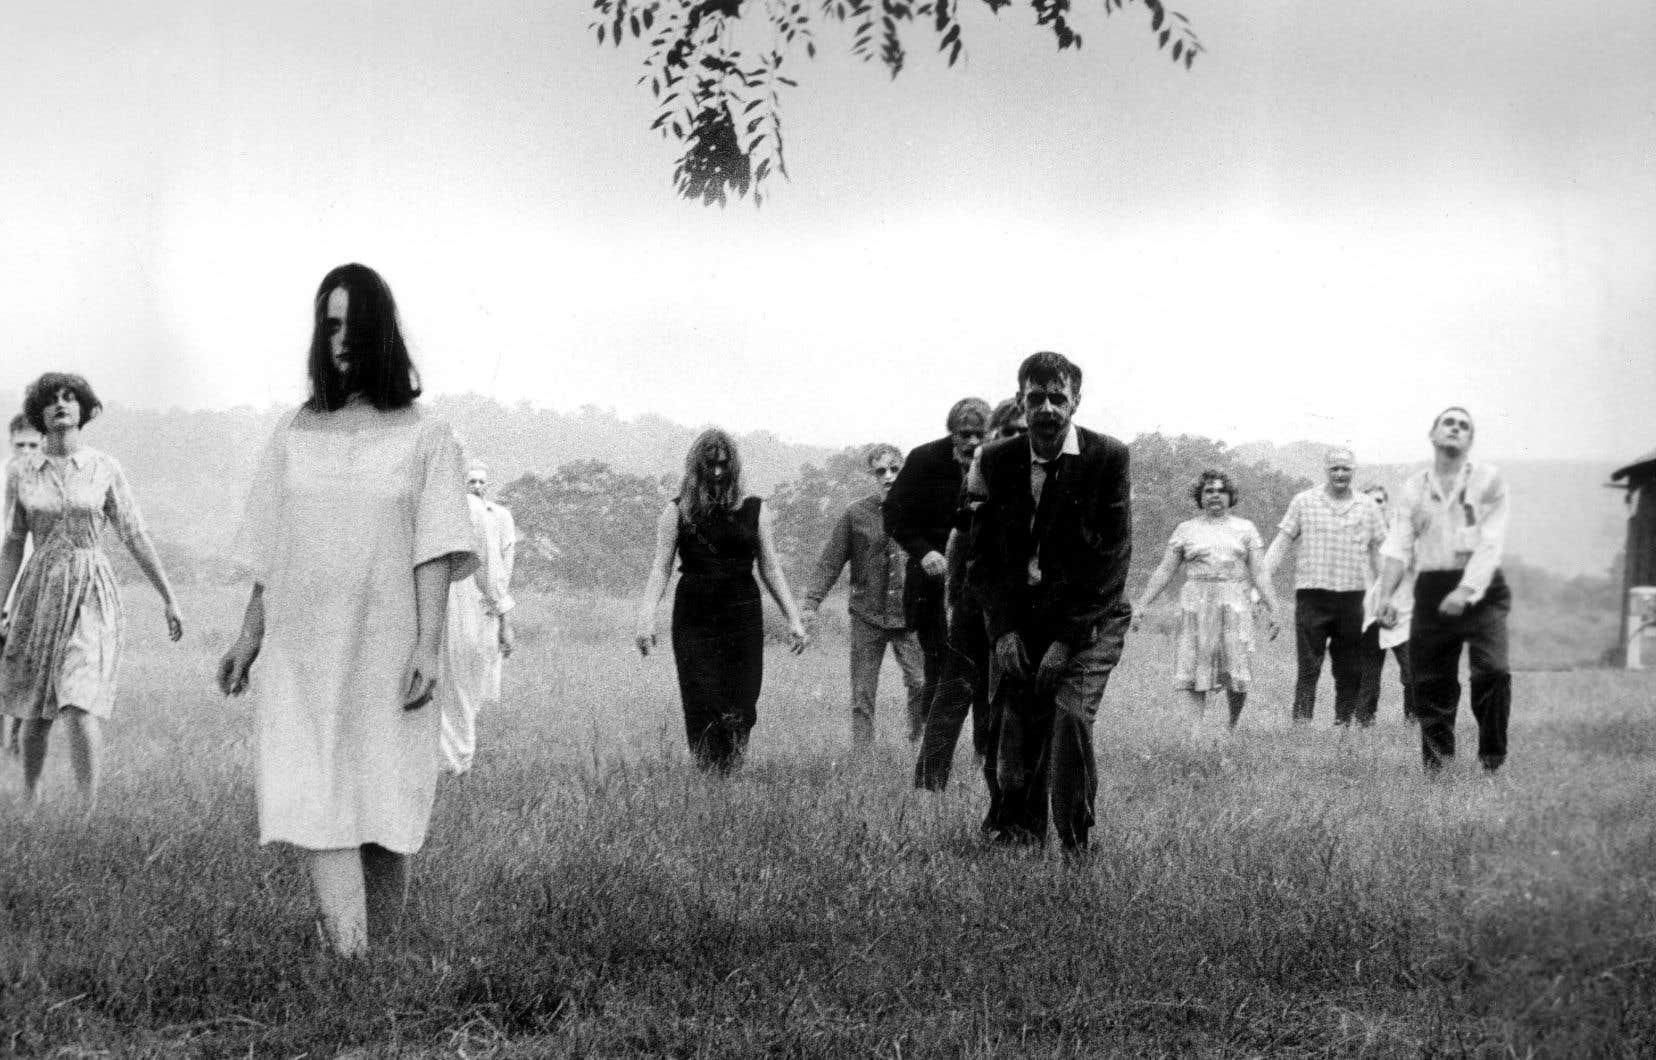 Lorsque «La nuit des morts-vivants» prit l'affiche dans les cinémas et ciné-parcs américains en octobre 1968, George A. Romero ne se doutait pas de la valeur sociopolitique qu'on accolerait à son premier film.